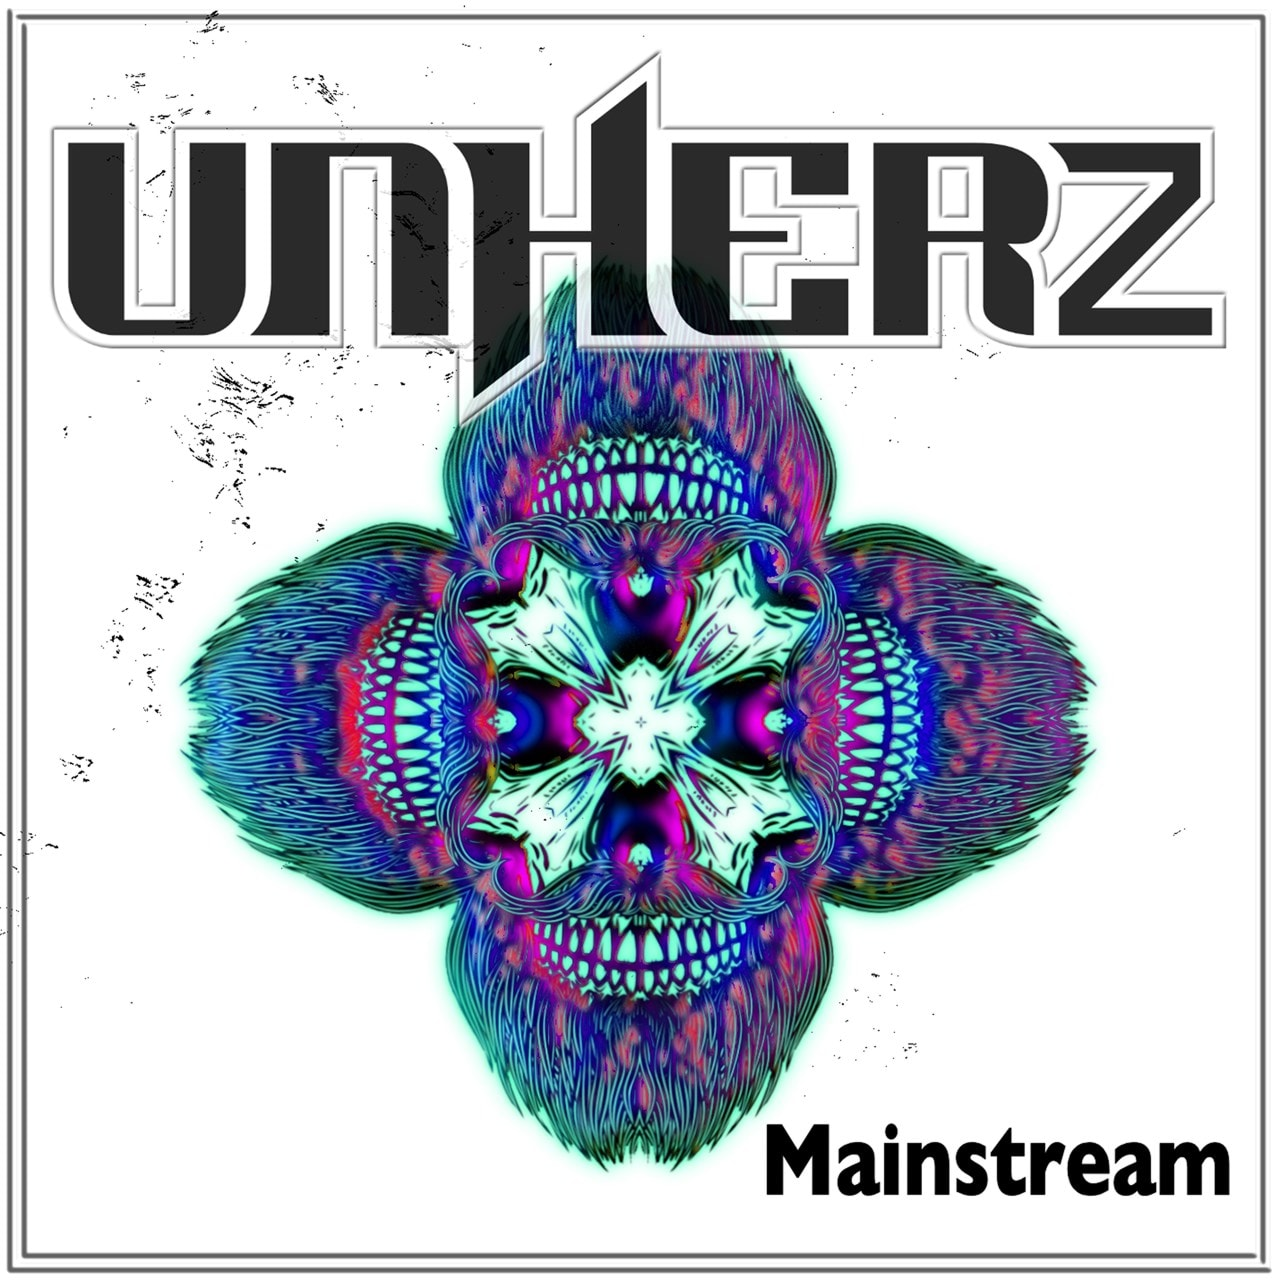 Mainstream - 1